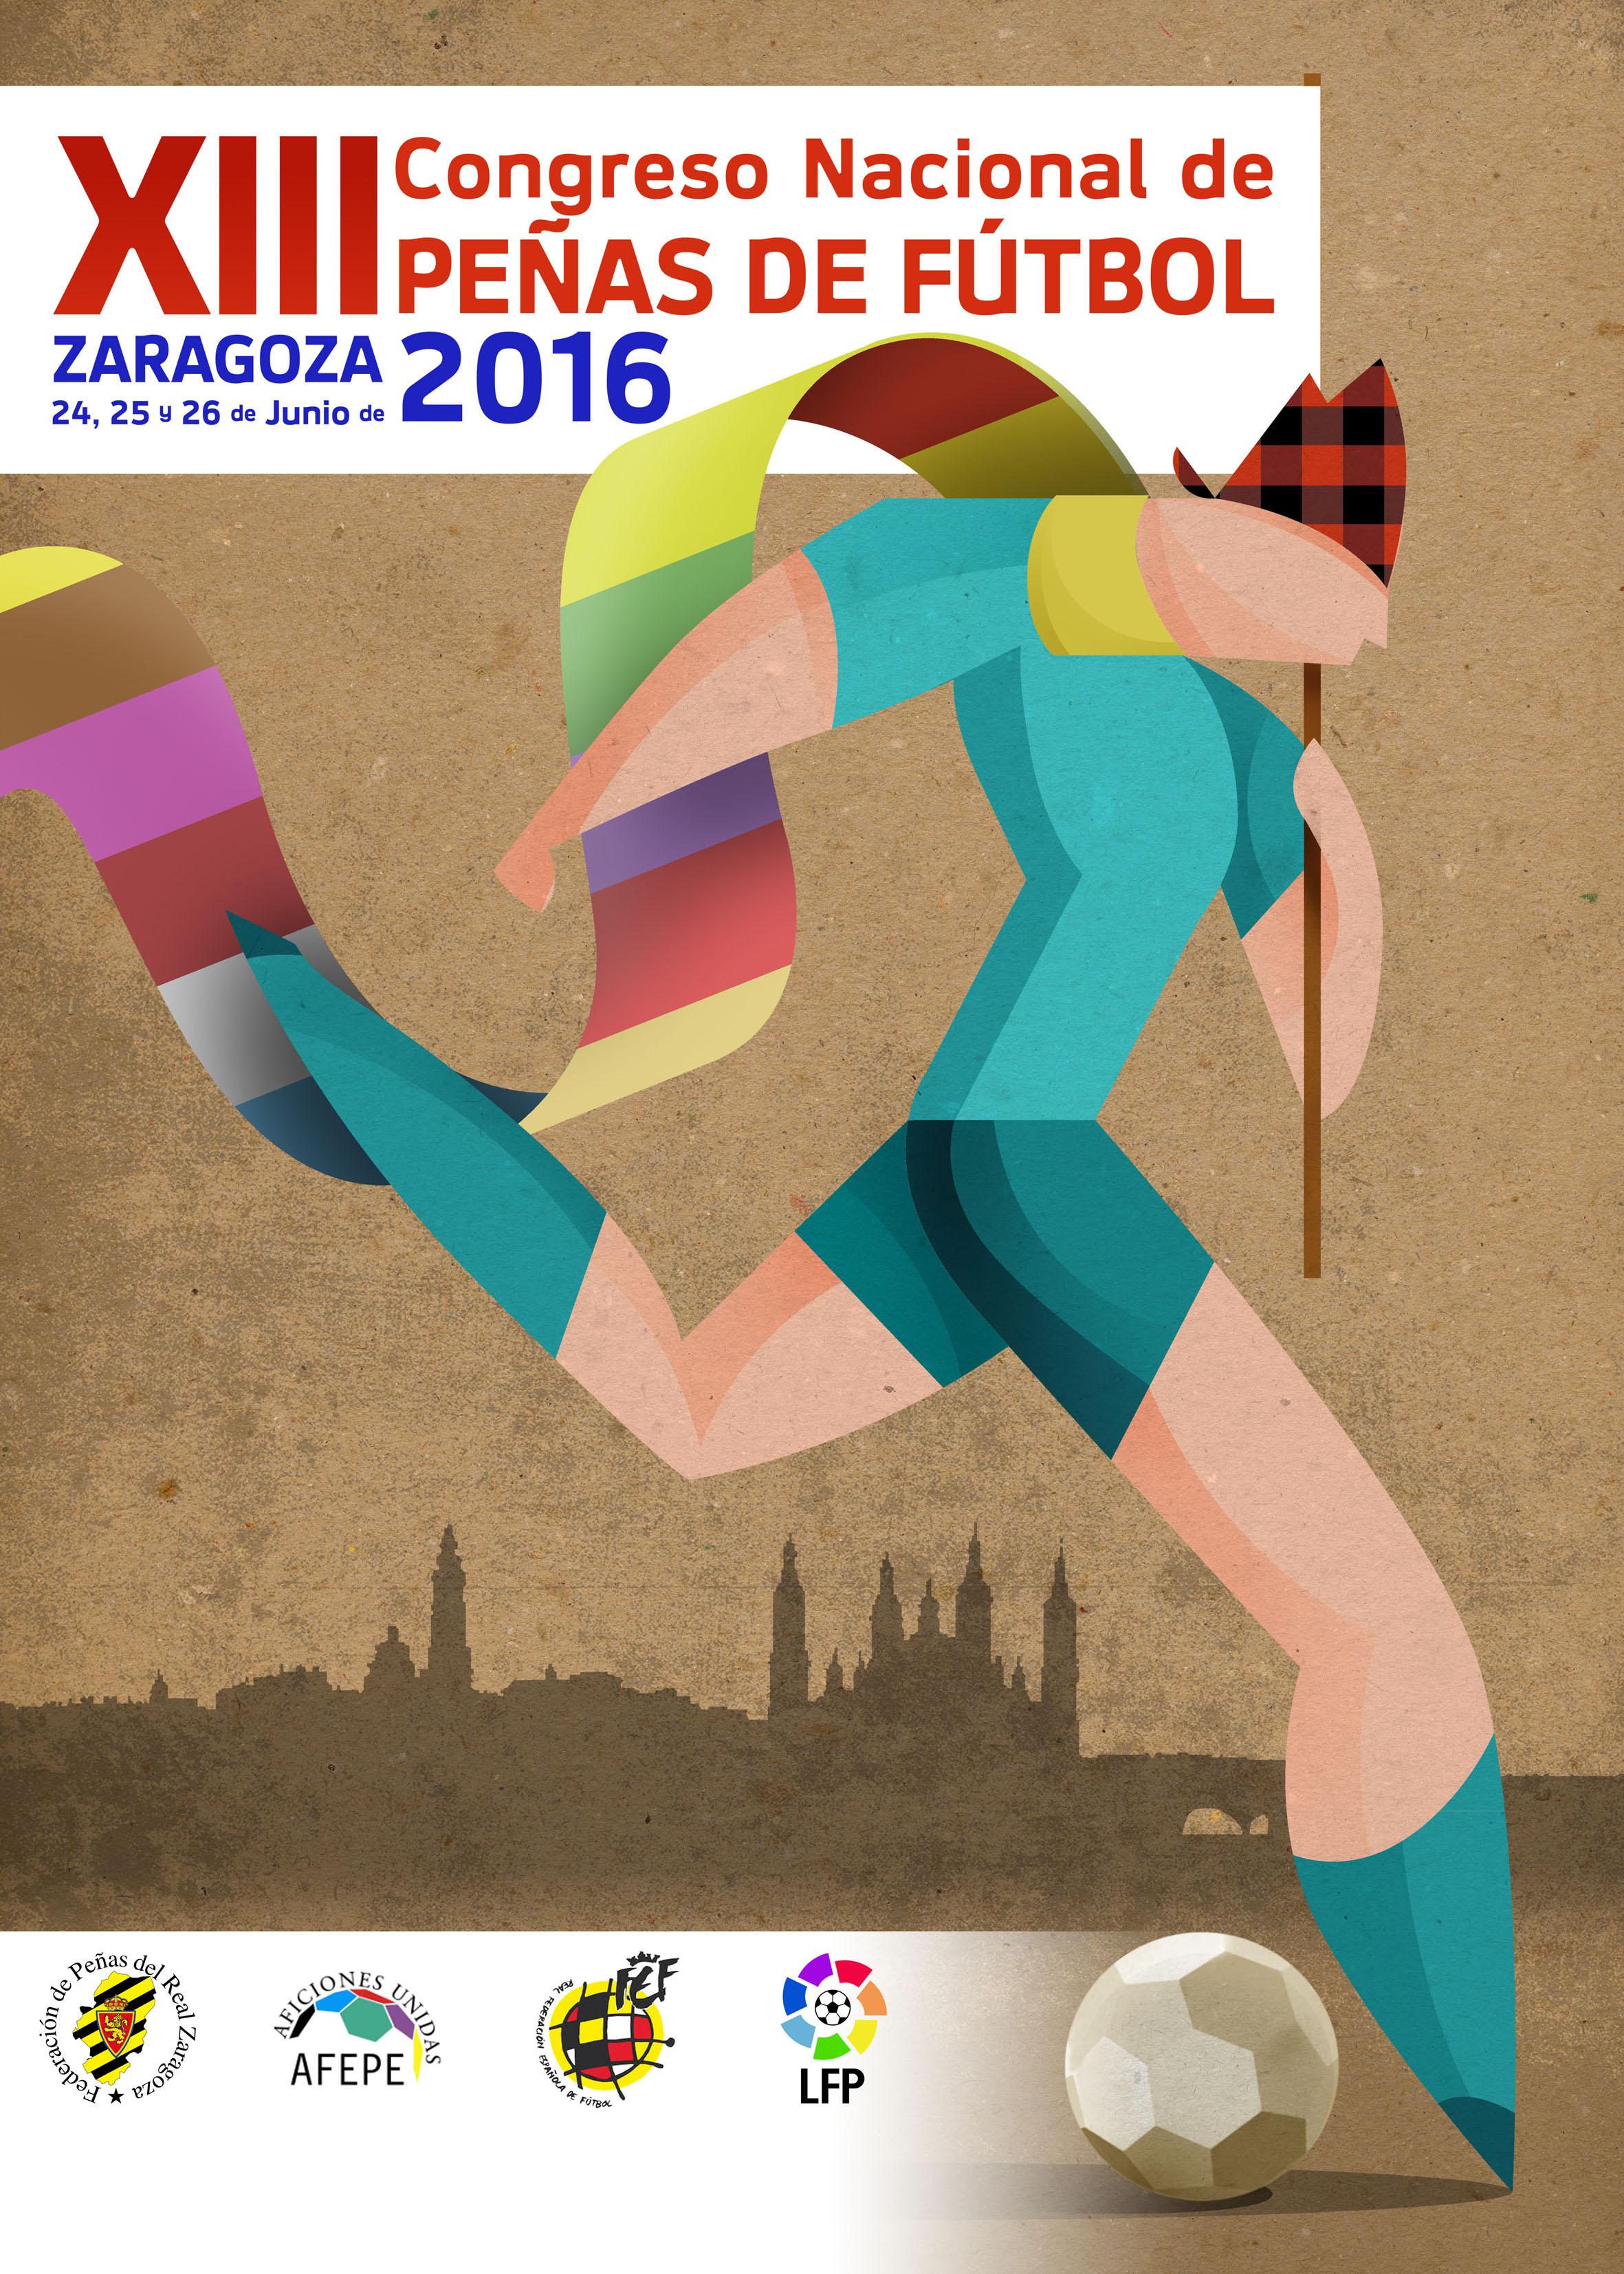 Congreso afepe 2016 federaci n de pe as del real for Oficinas real zaragoza